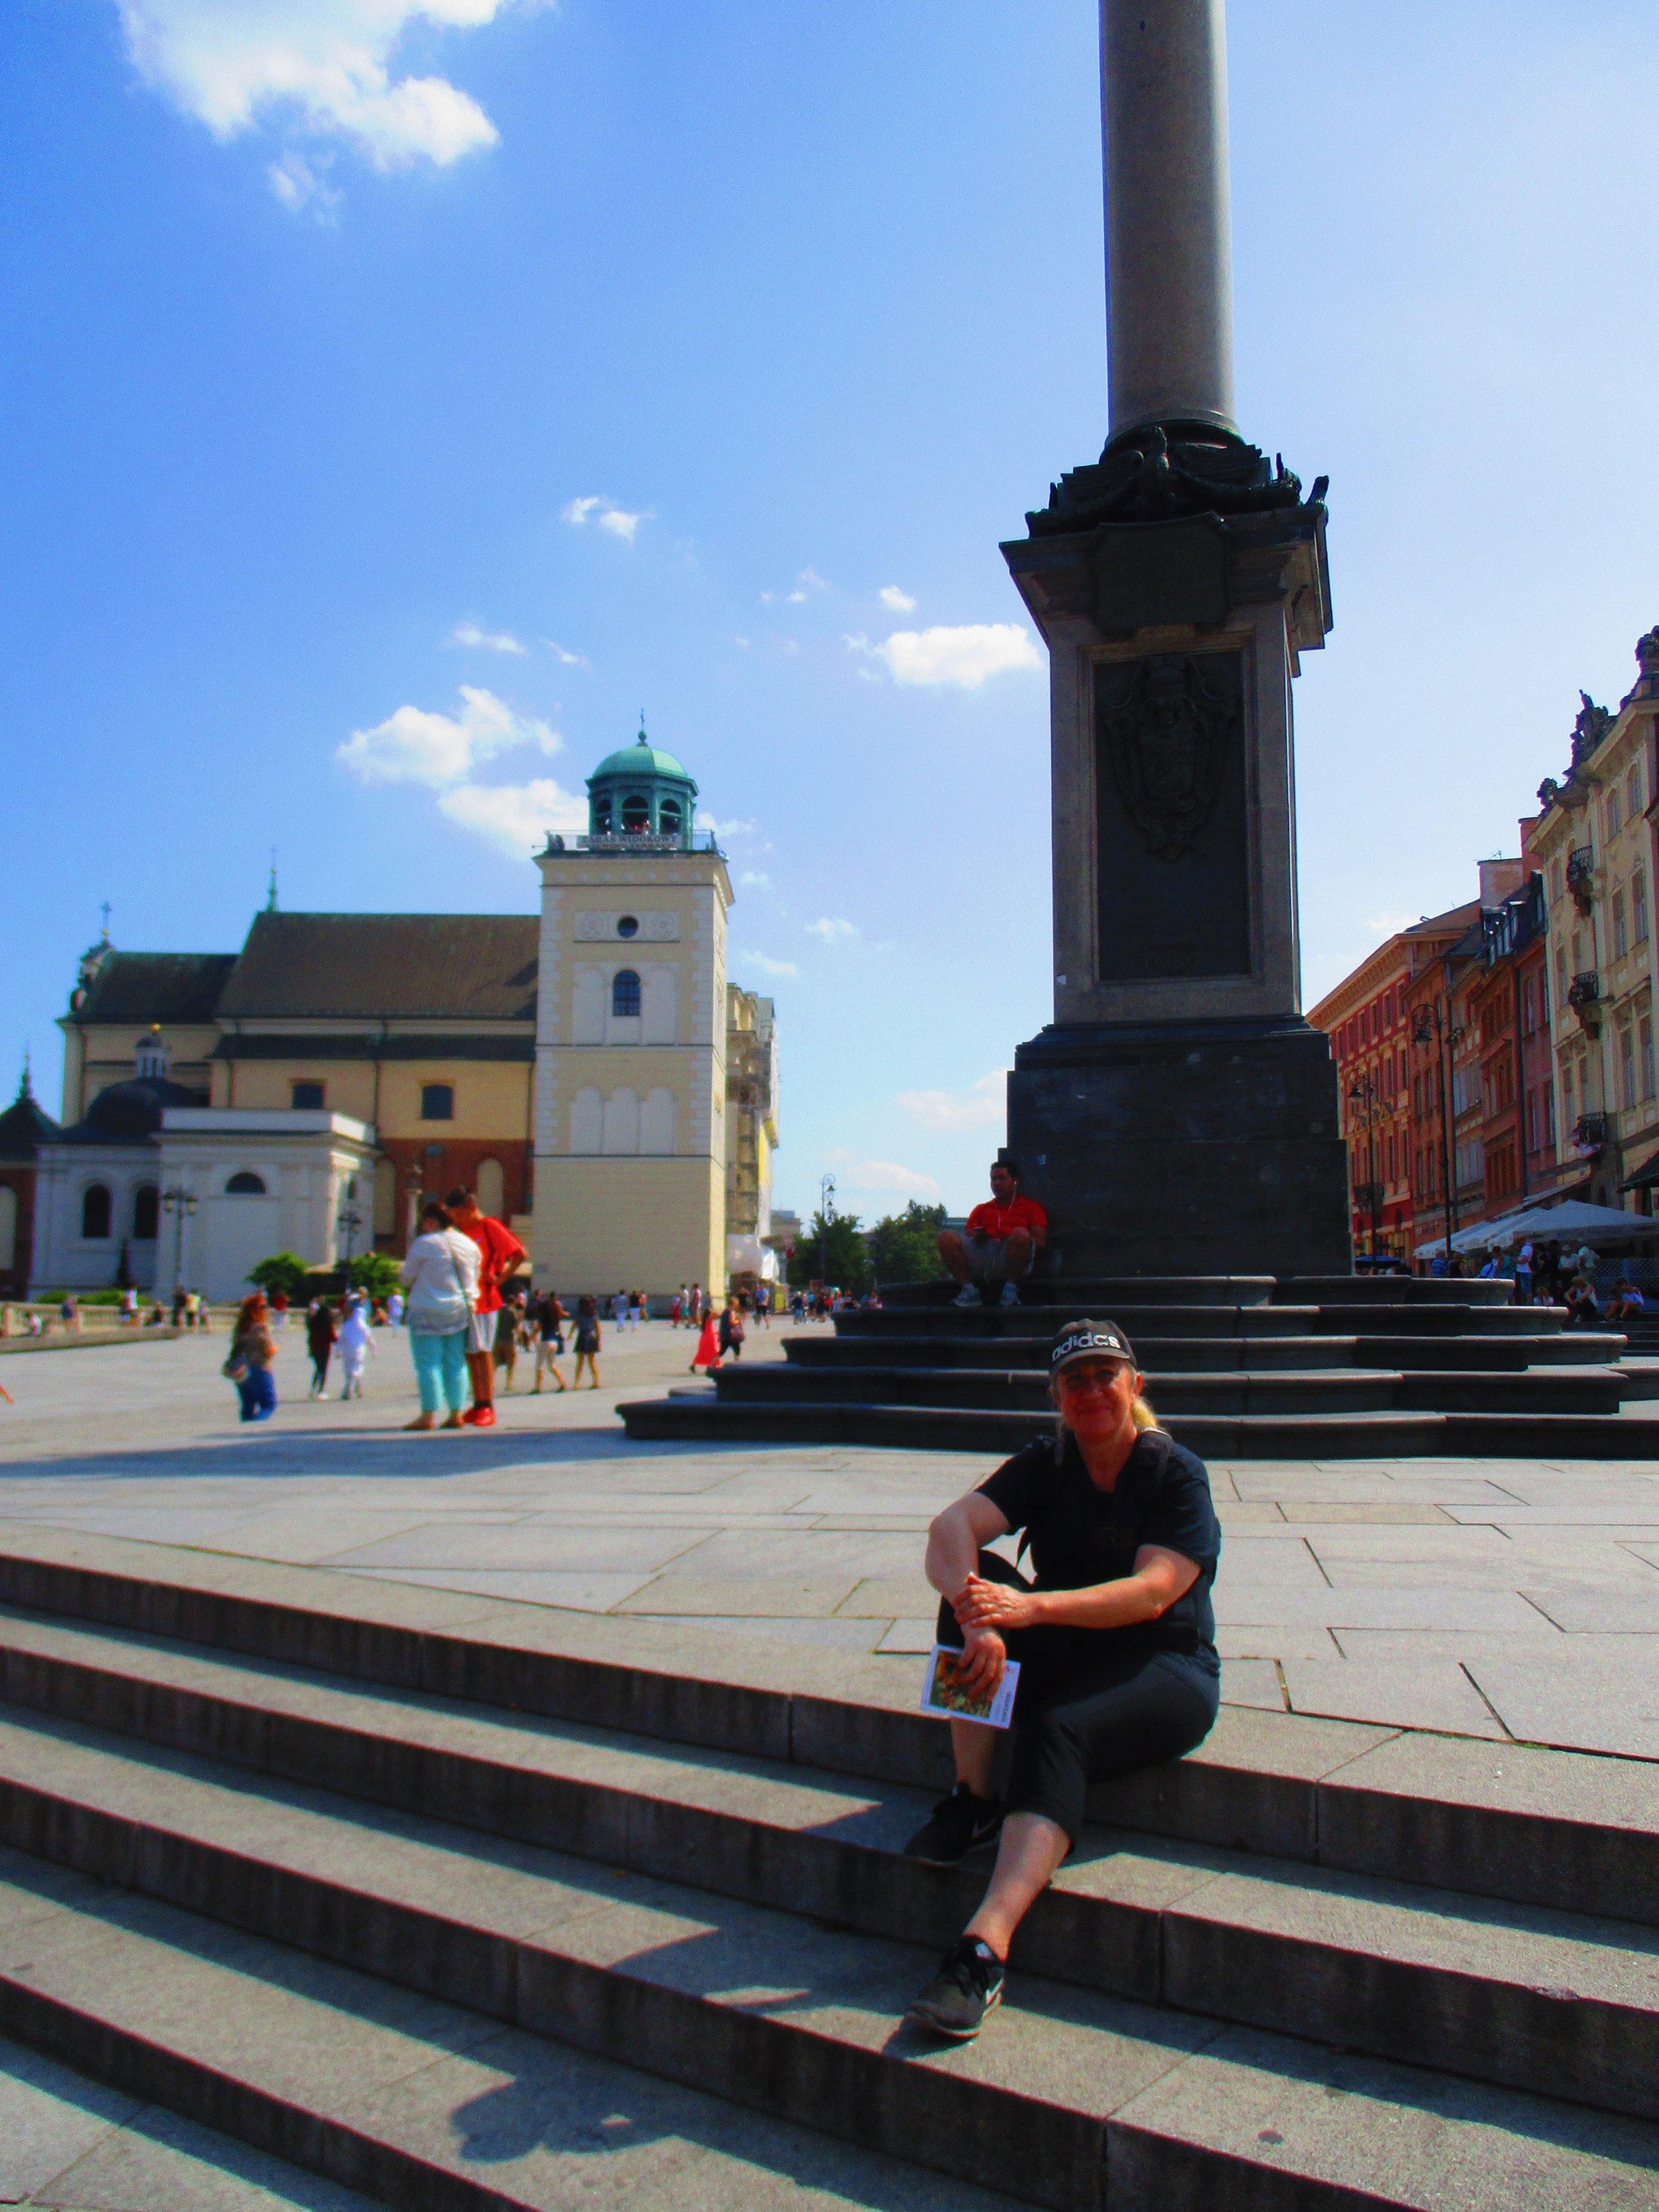 Sigismund column